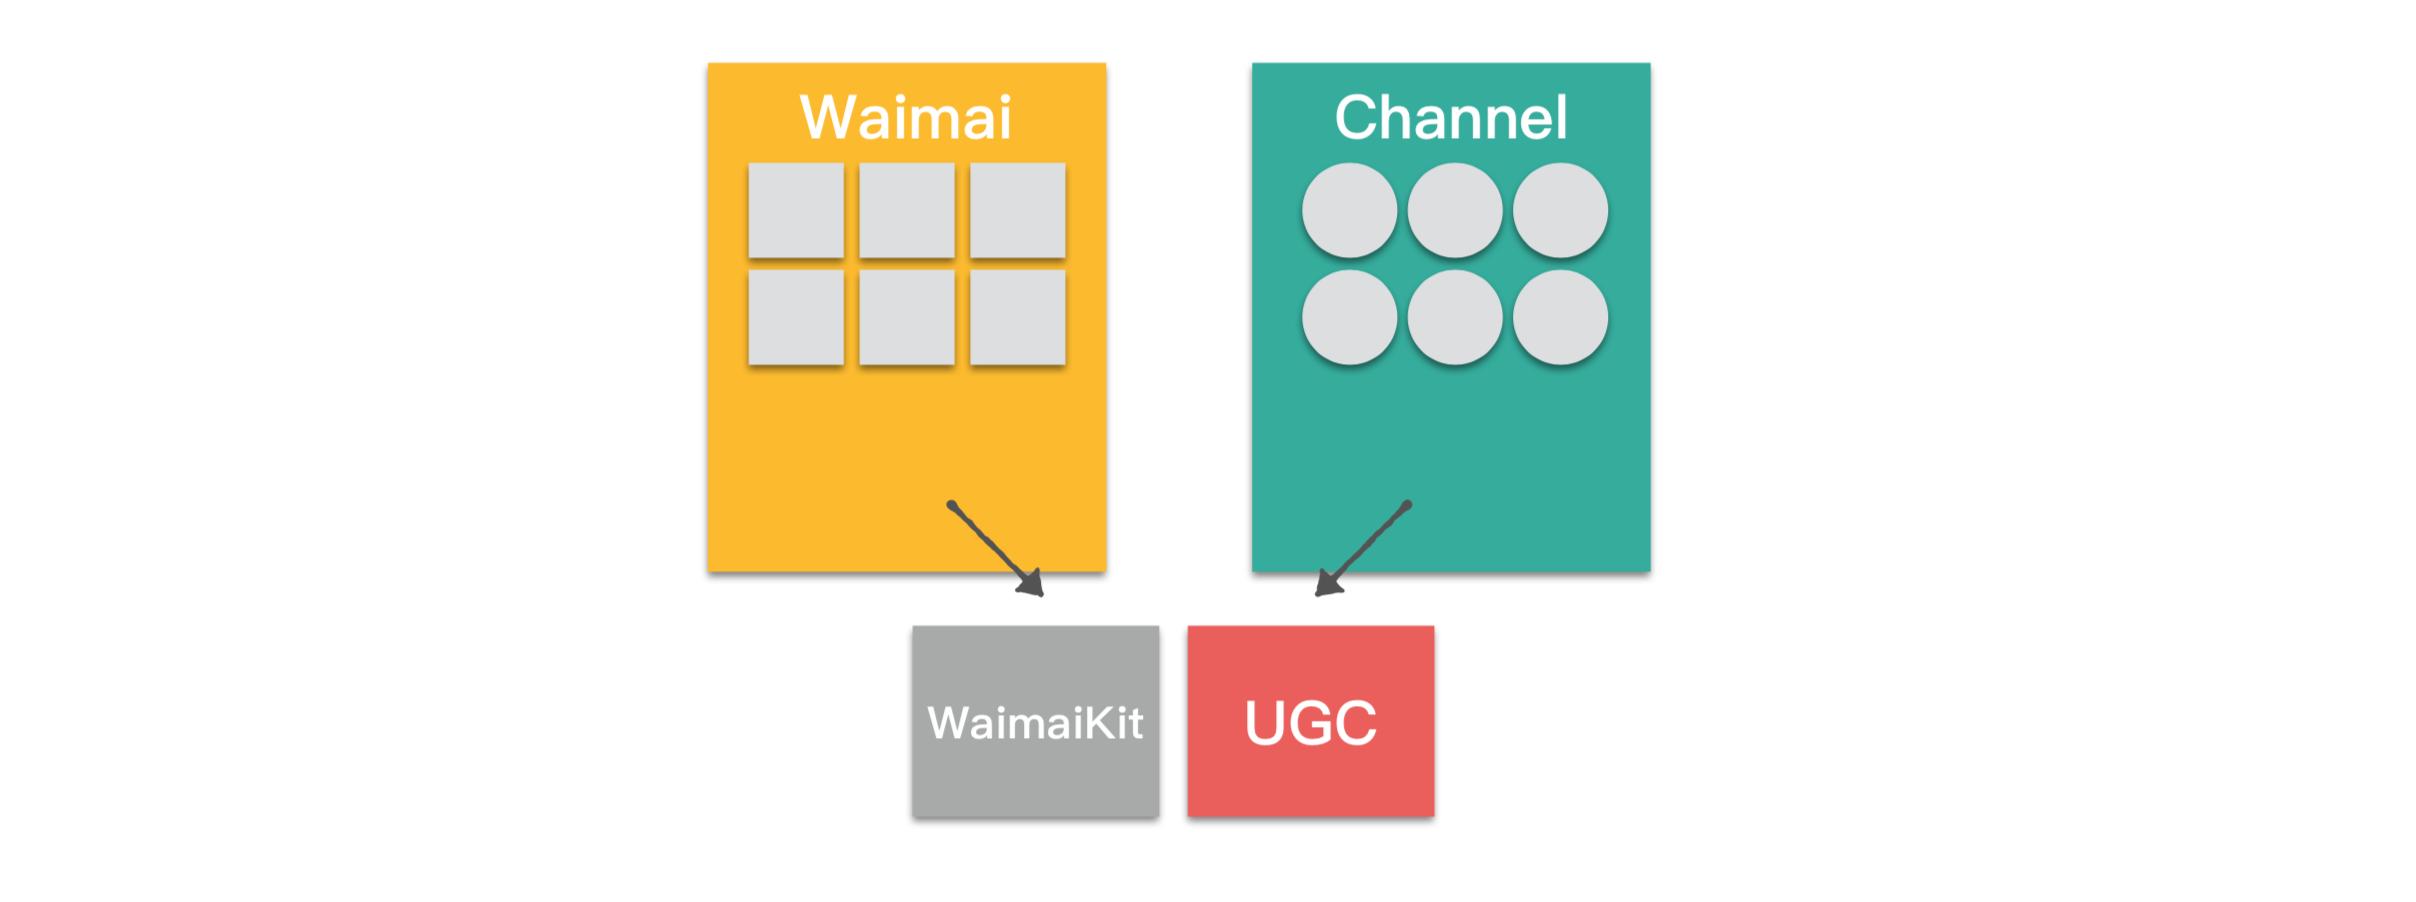 图4 原始复用架构